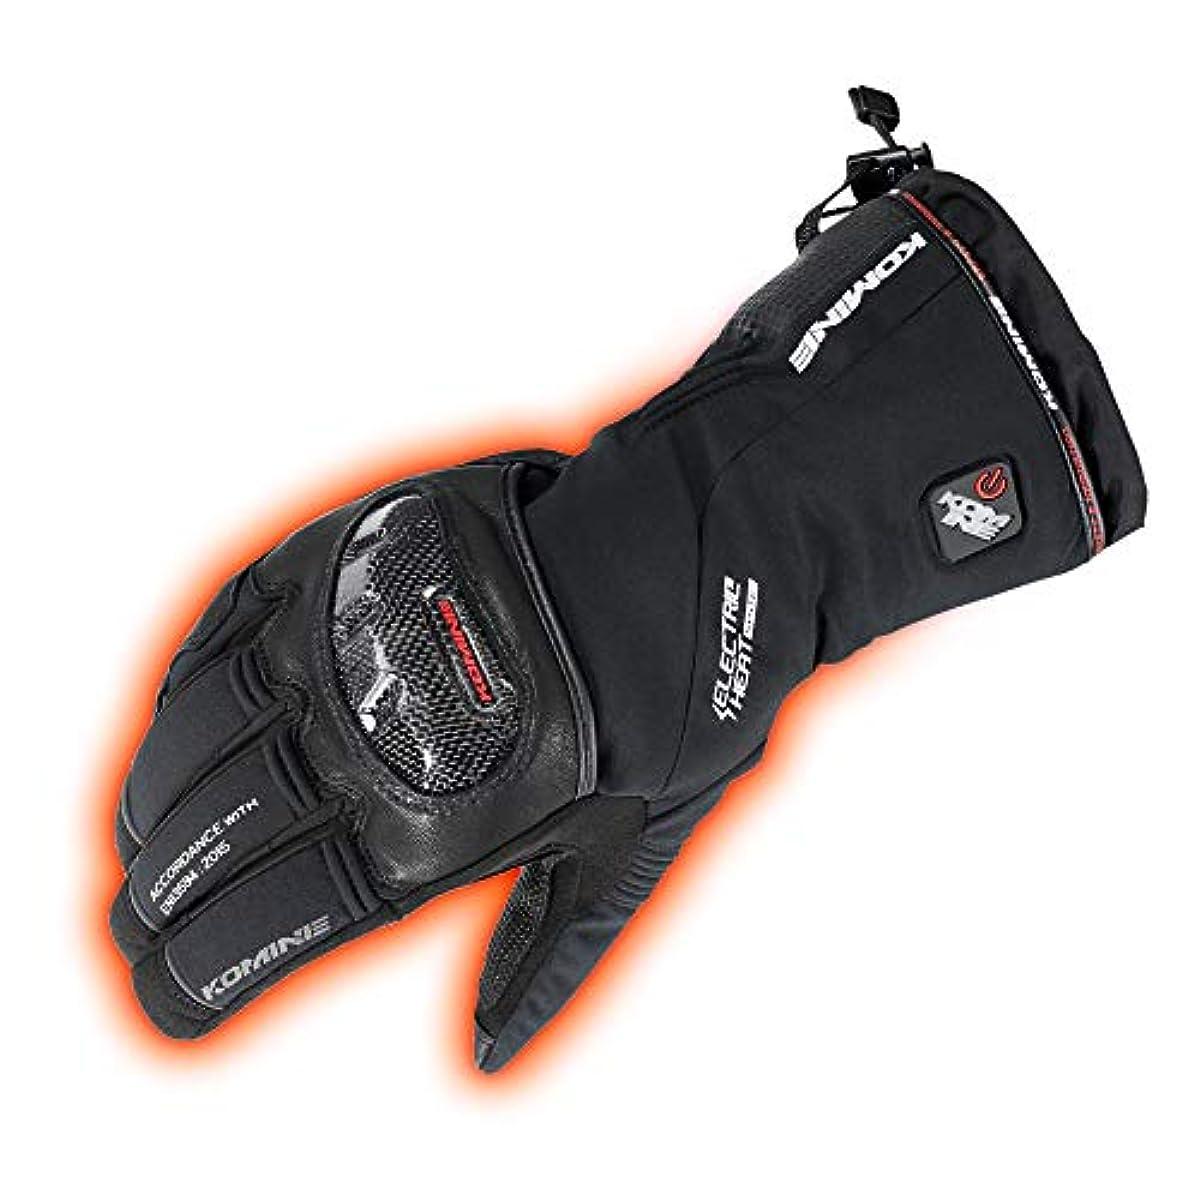 [해외] 코미네(KOMINE) 오토바이 카본 프로 테크 도에레쿠토릿쿠글로브 장갑 전열 발열 방한 BLACK XL 08-200